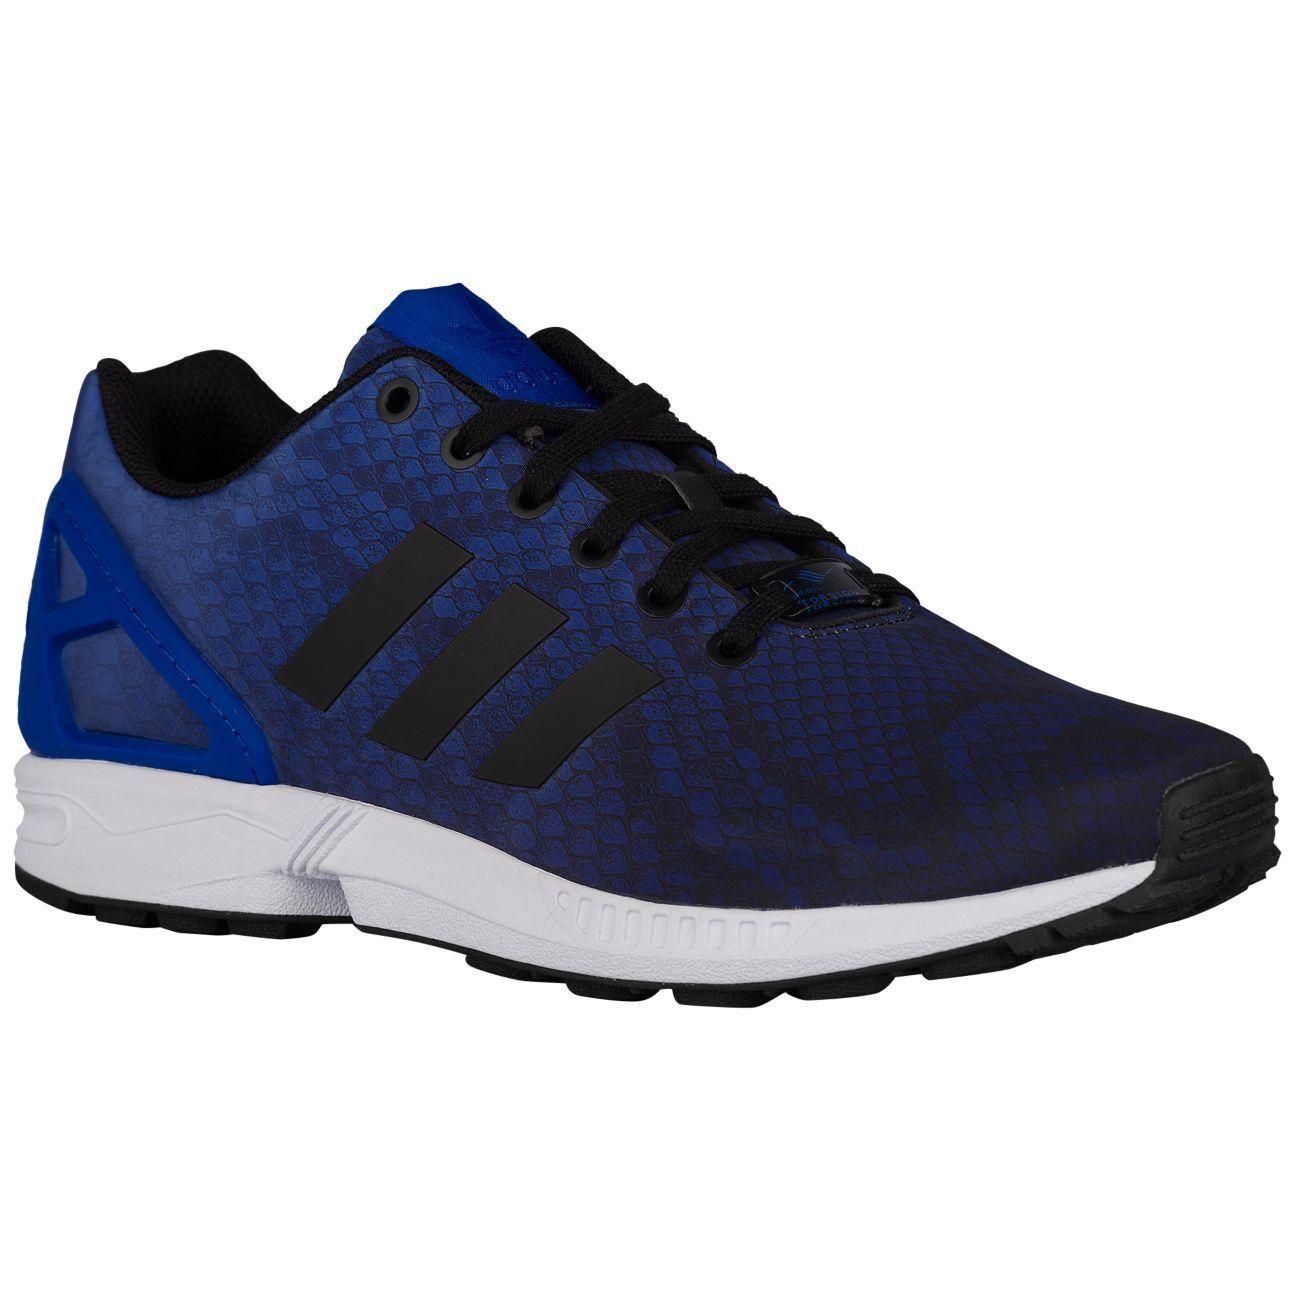 Nuevo Para Correr hombres adidas flux Serpiente Diseño Correr Para Entrenamiento Calzado Tamaño: 11.5 Color: Azul 2b8d6a